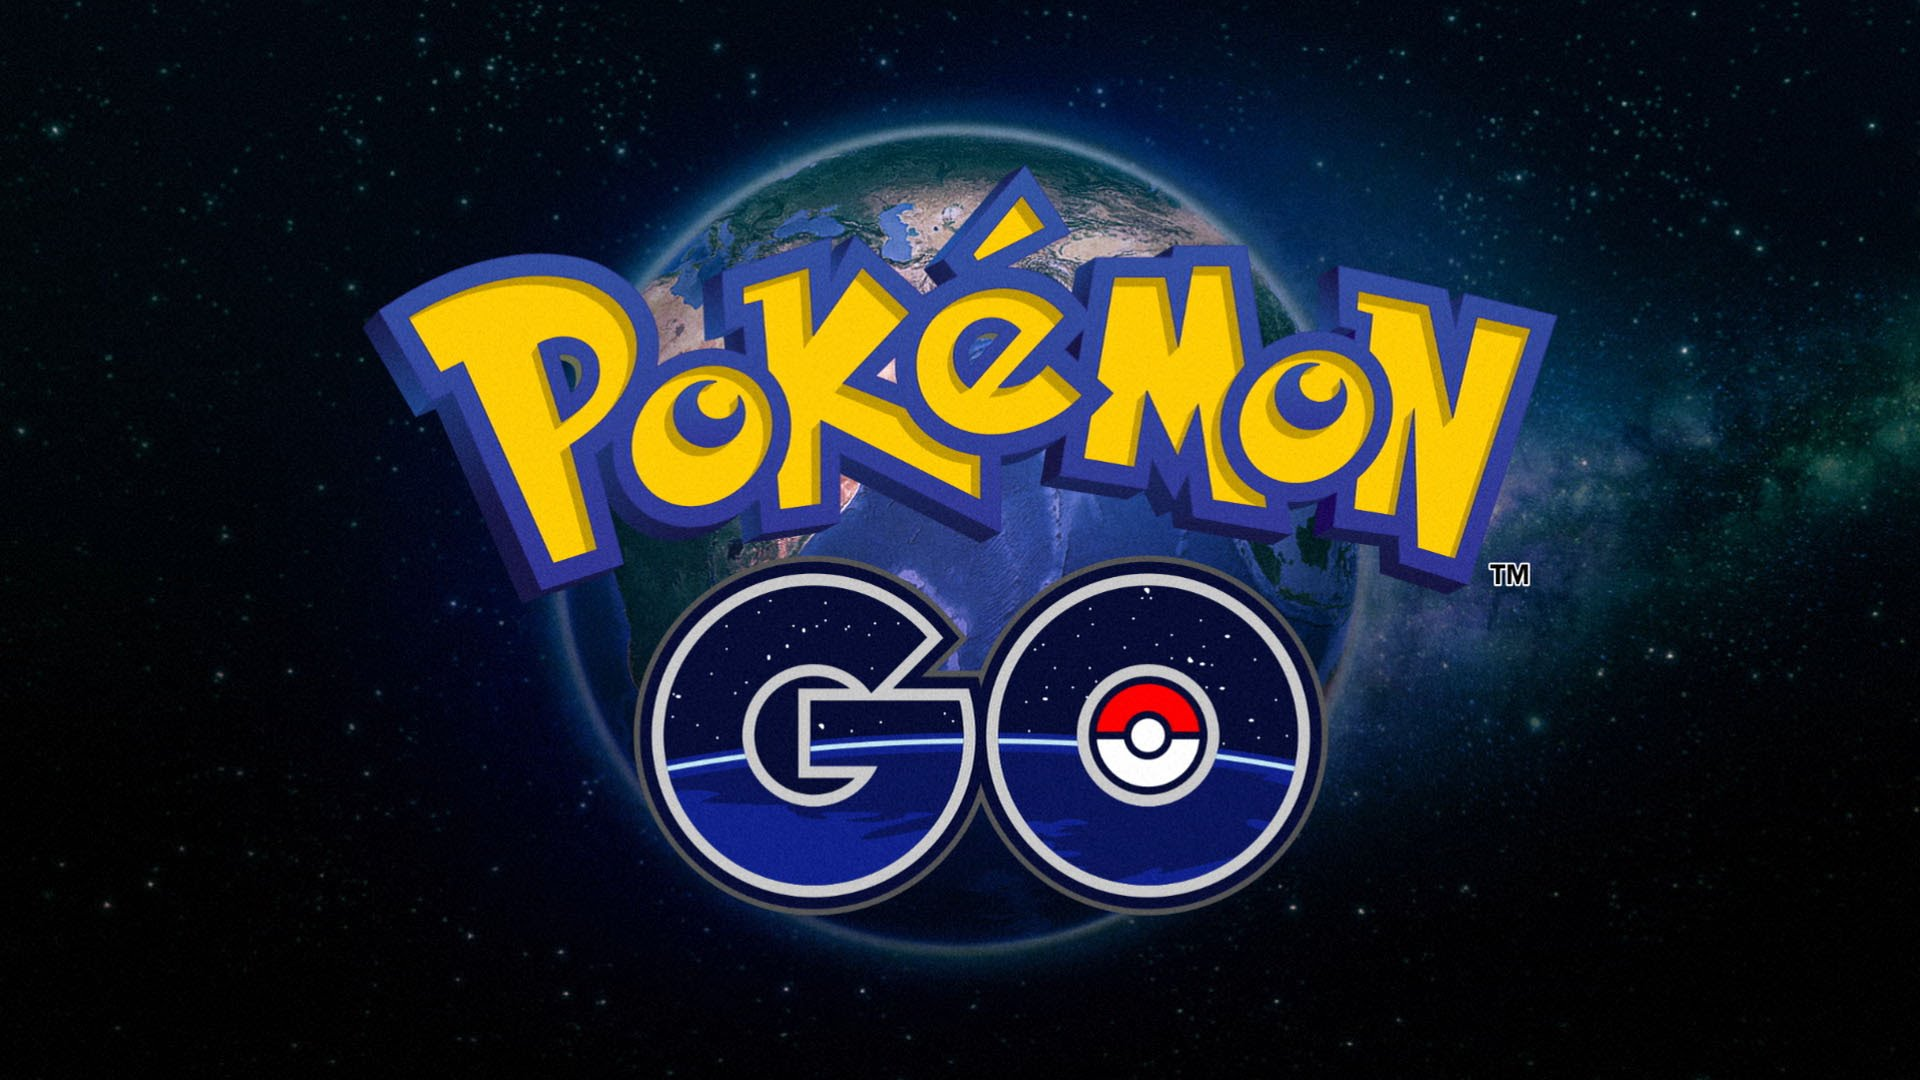 ทำความรู้จัก Pokemon GO! เกมบนสมาร์ทโฟนชื่อดังที่ฮิตฮอตไปทั่วโลกในขณะนี้